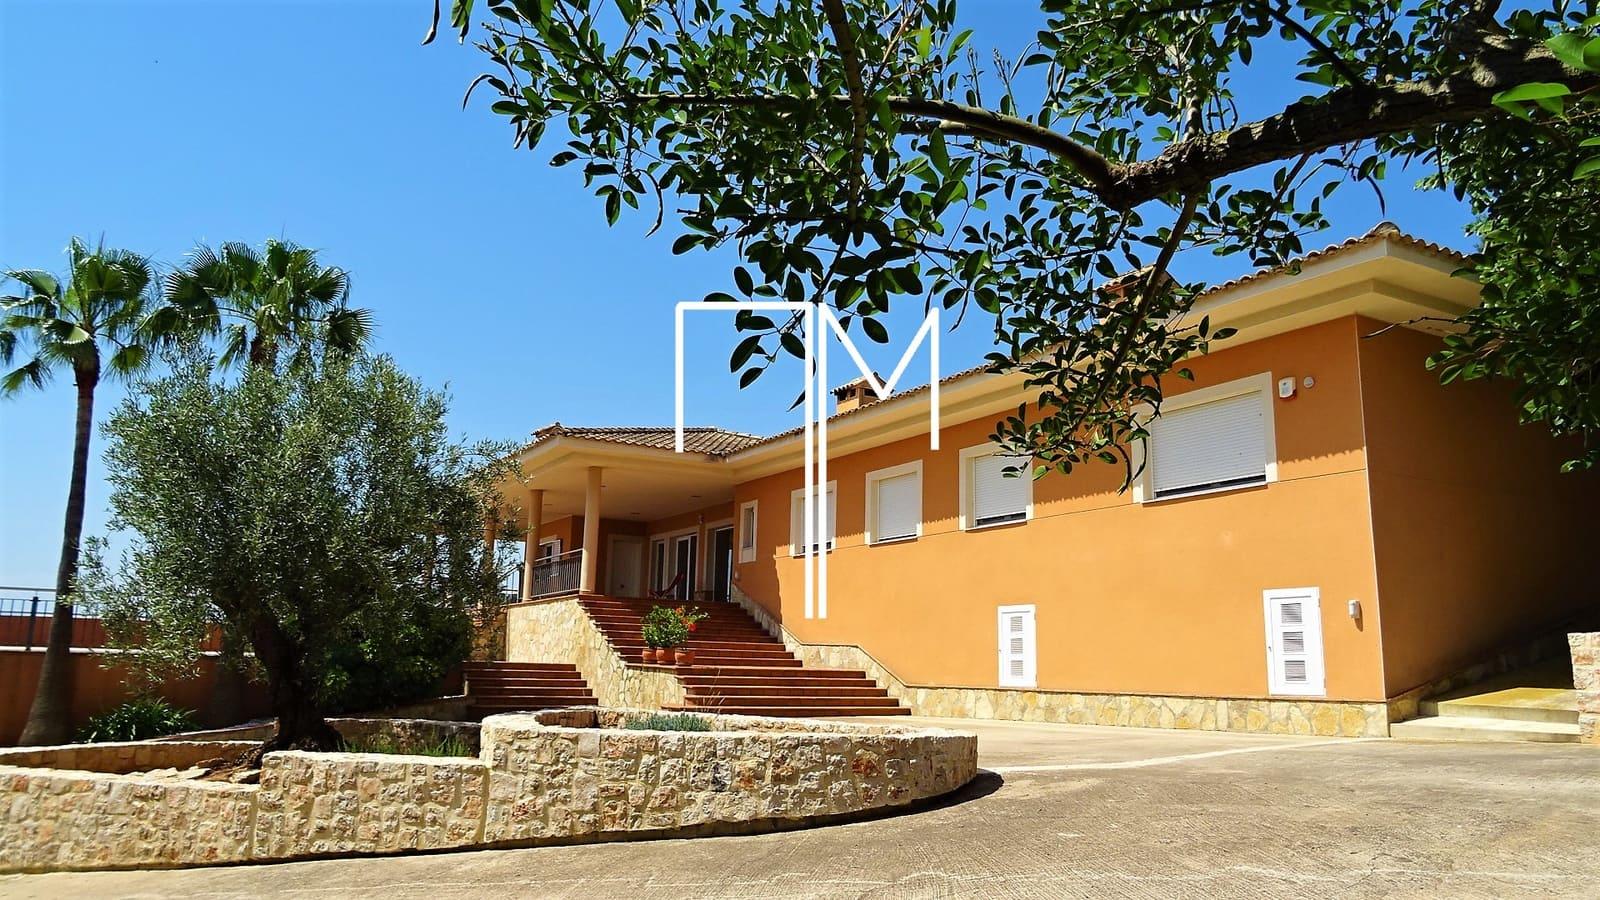 4 bedroom Villa for sale in Alberic - € 435,000 (Ref: 6122167)